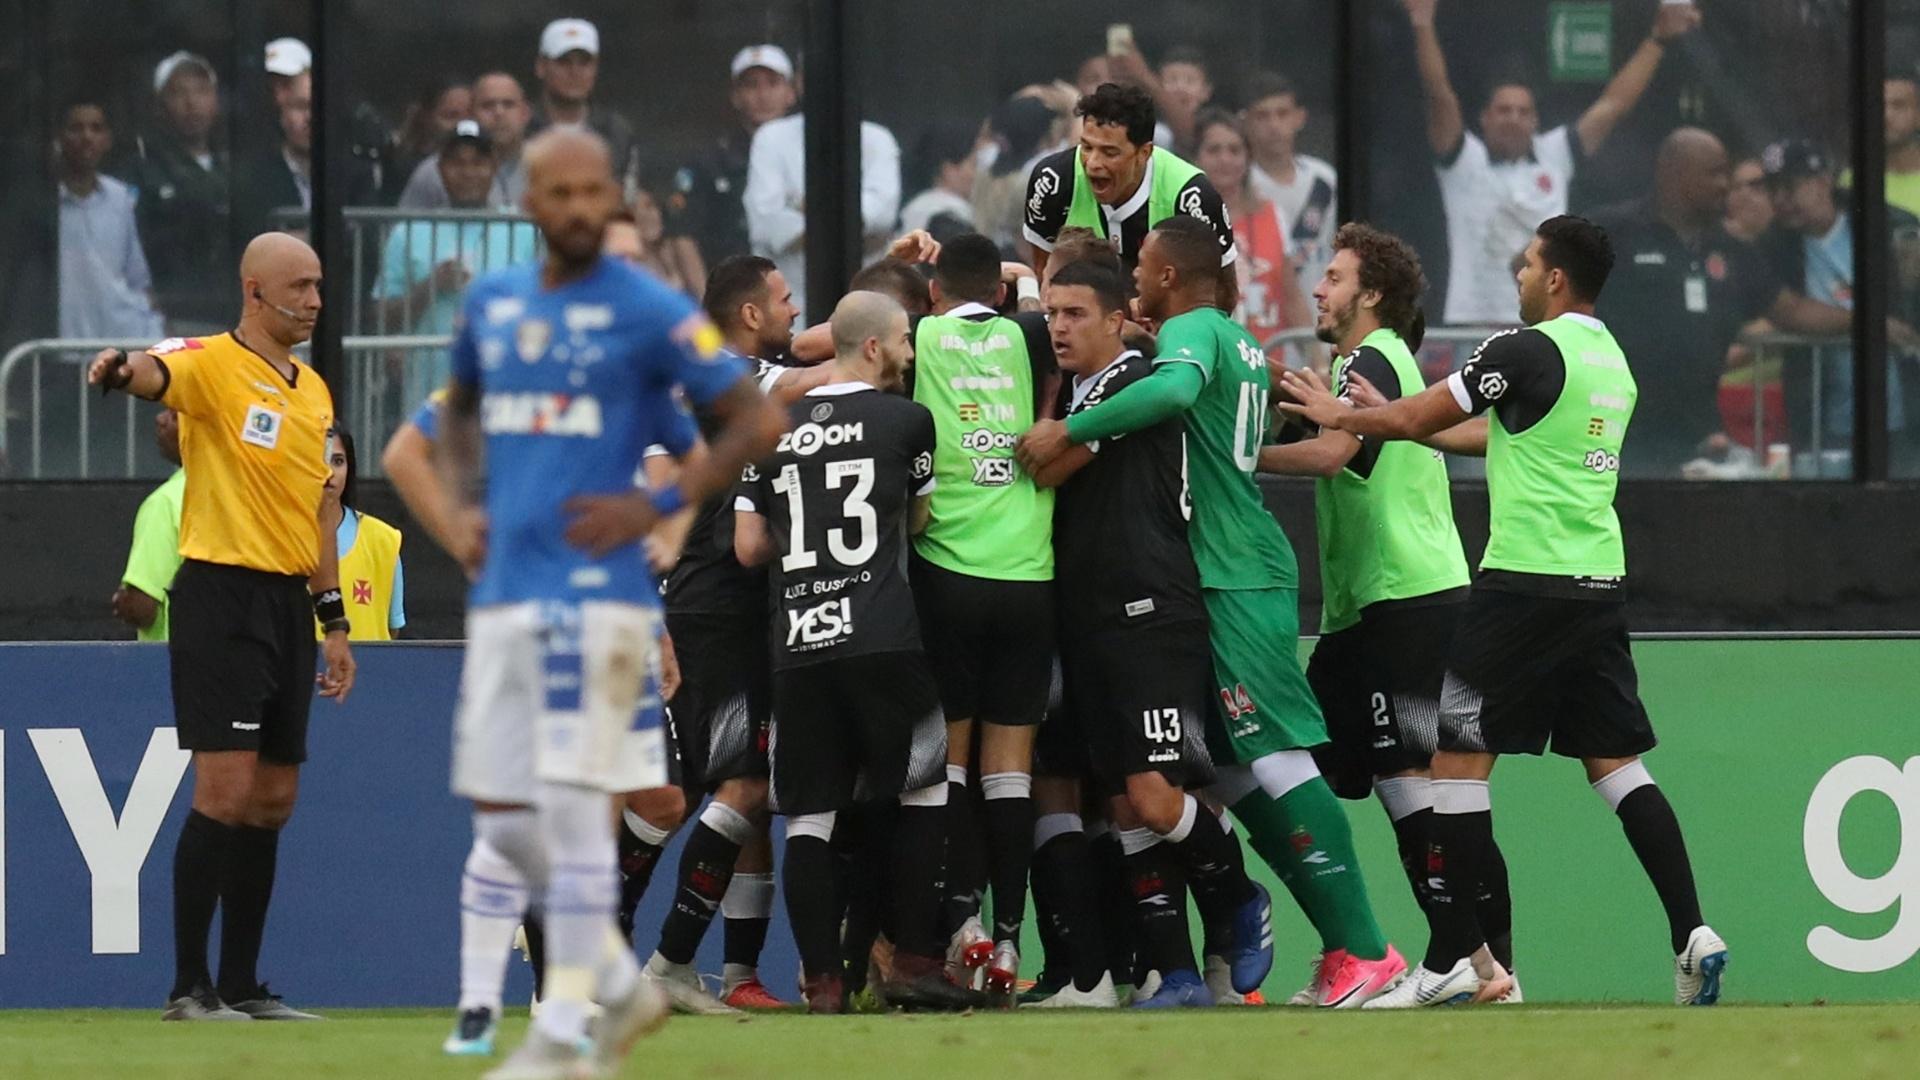 Jogadores do Vasco comemoram gol contra o Cruzeiro em duelo do Brasileirão